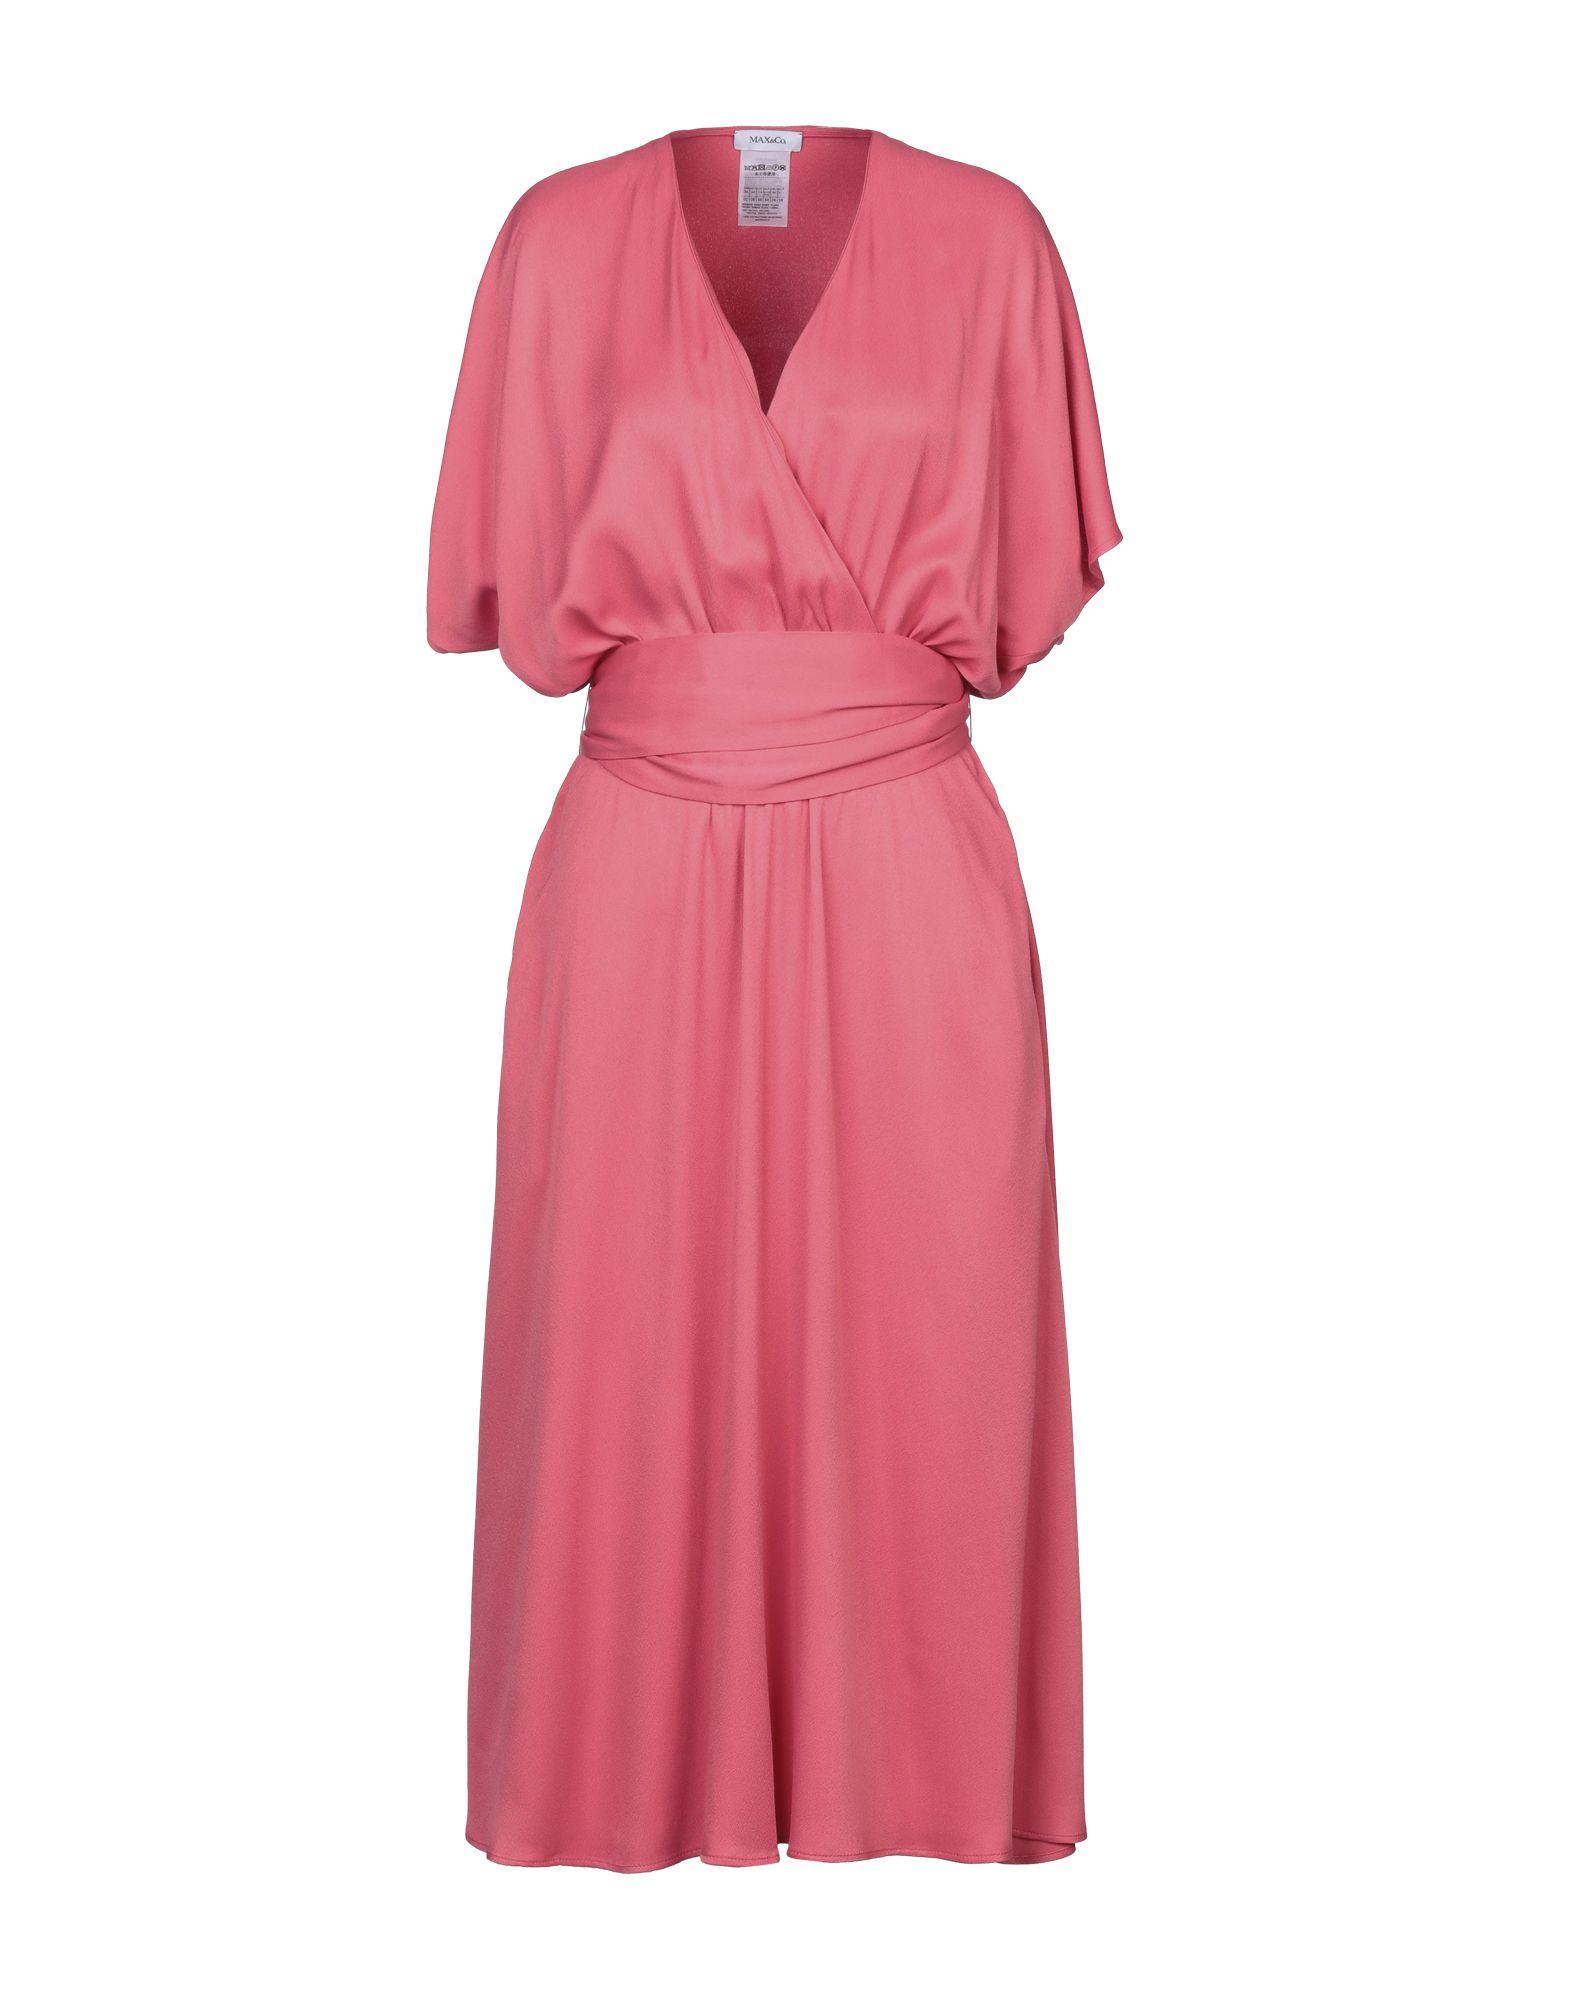 MAX & CO. Платье длиной 3/4 co юбка длиной 3 4